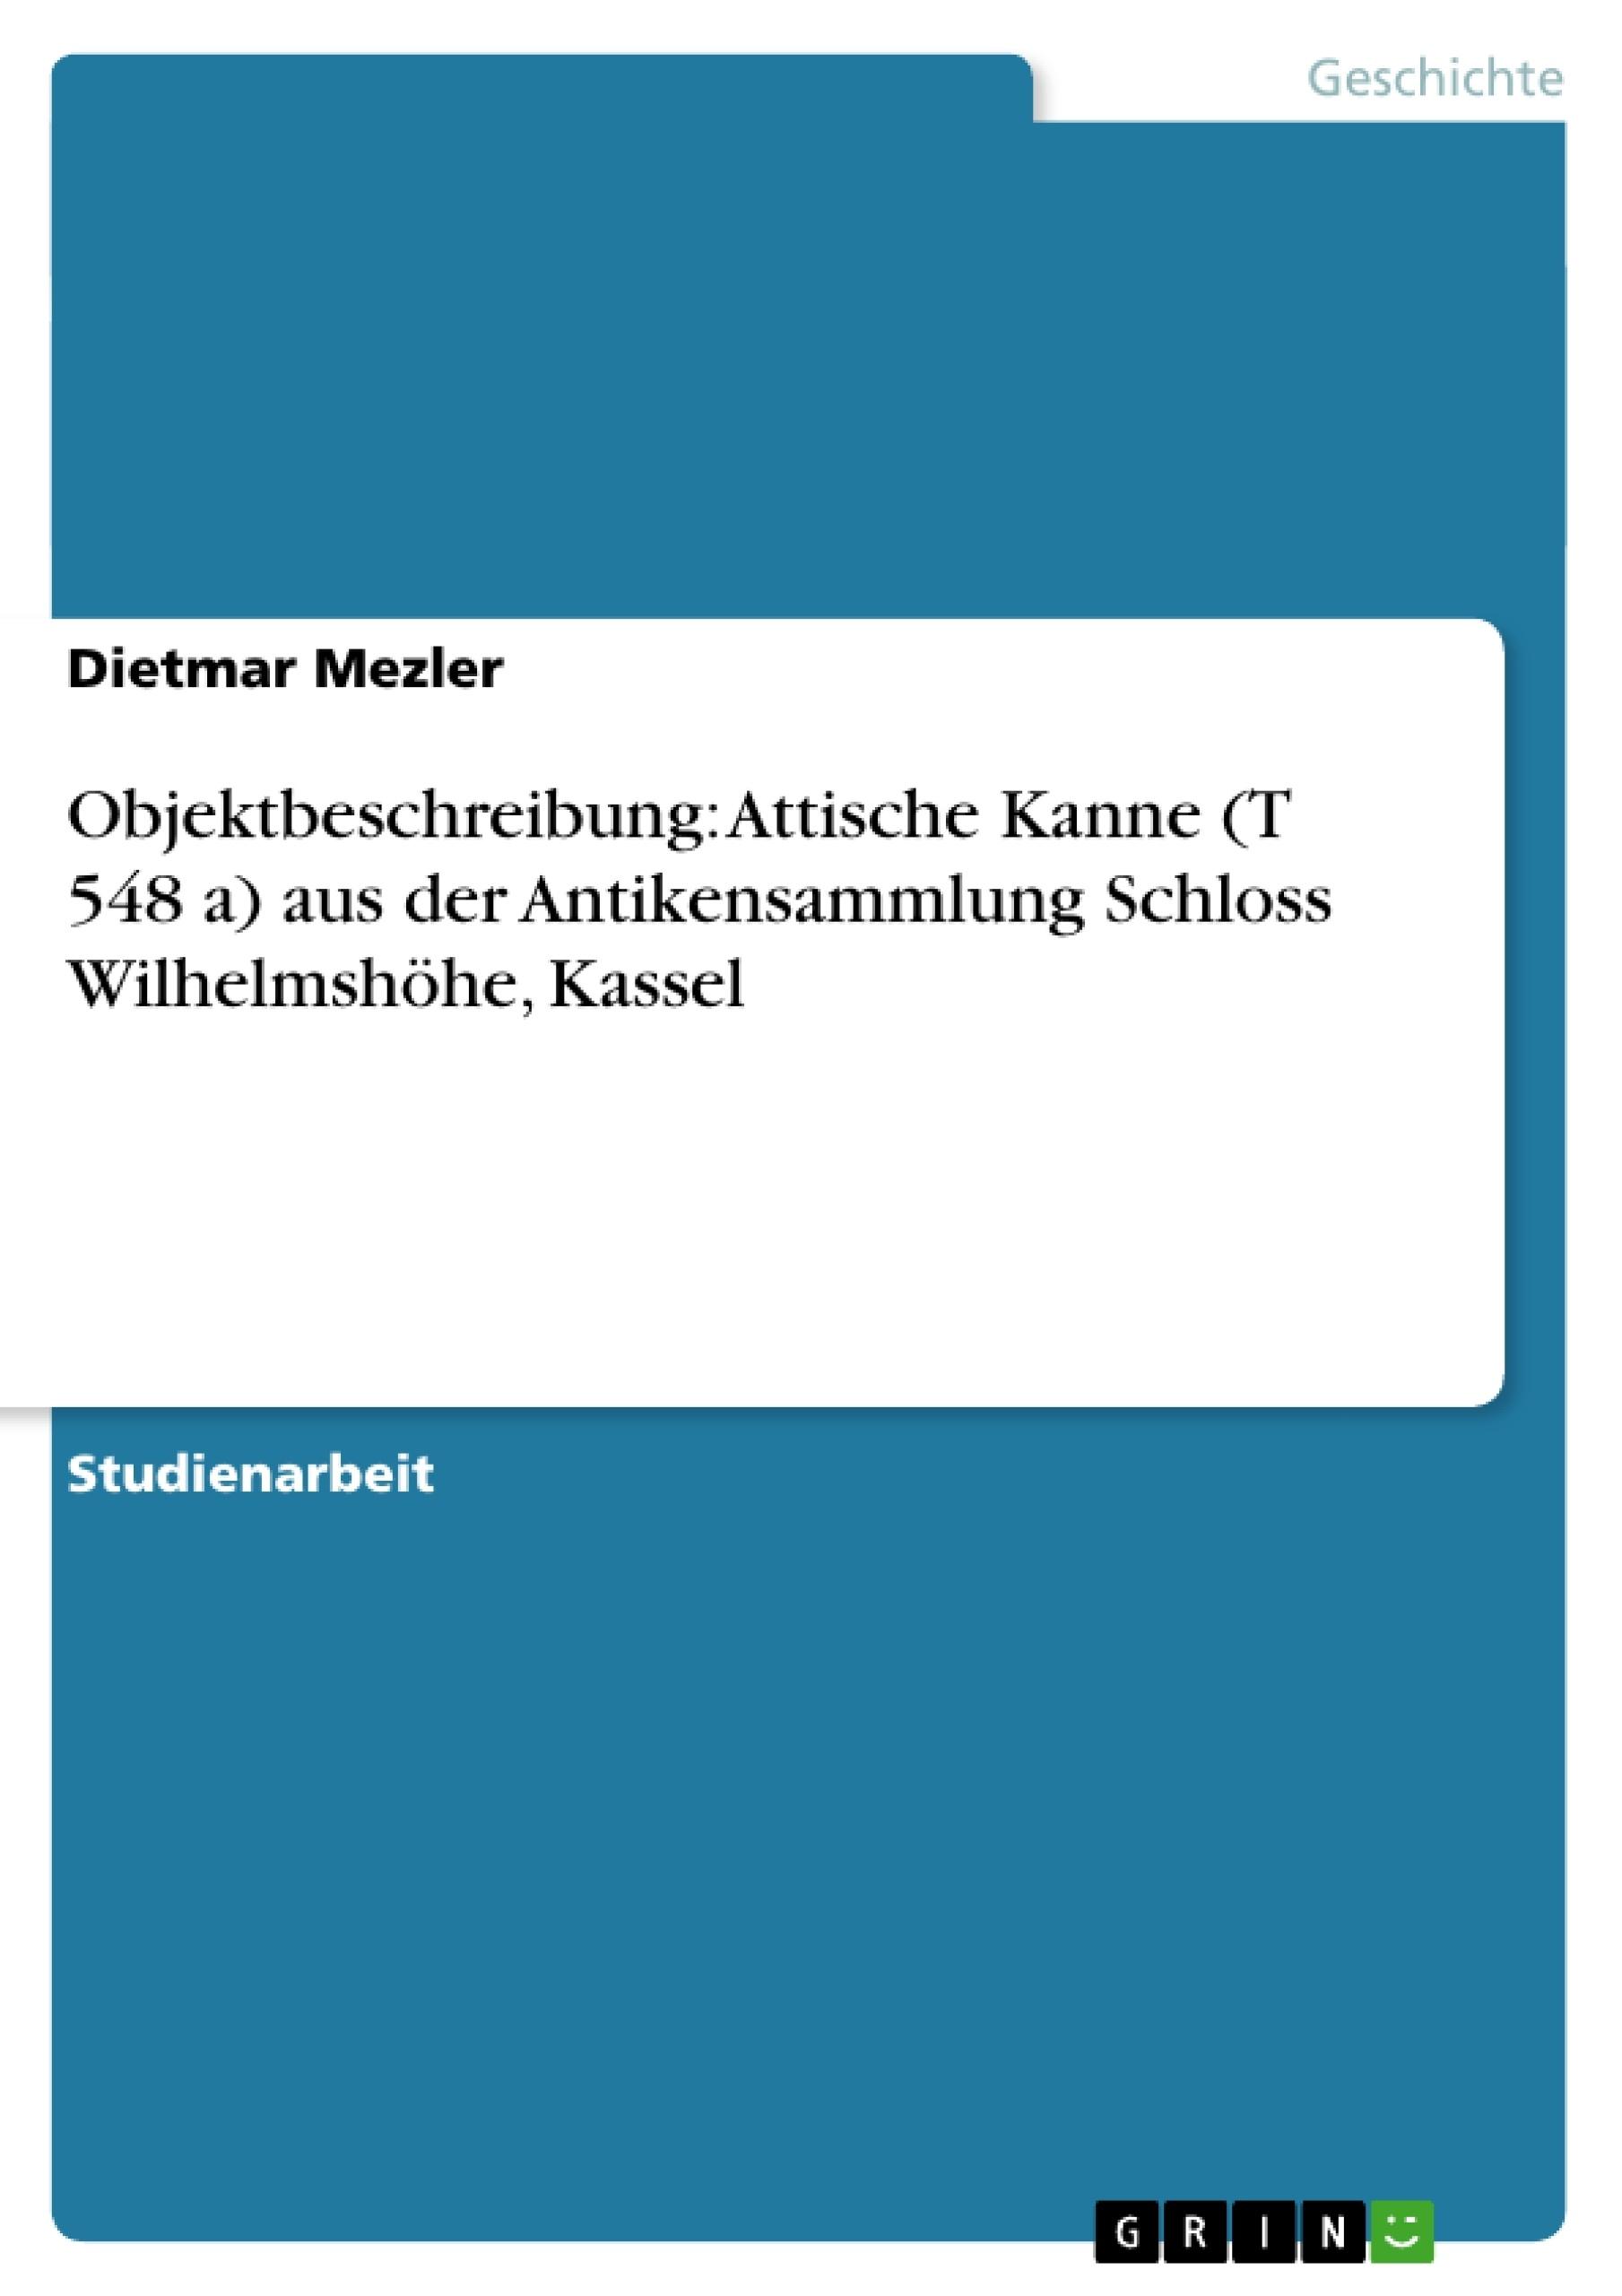 Titel: Objektbeschreibung: Attische Kanne (T 548 a) aus der Antikensammlung Schloss Wilhelmshöhe, Kassel